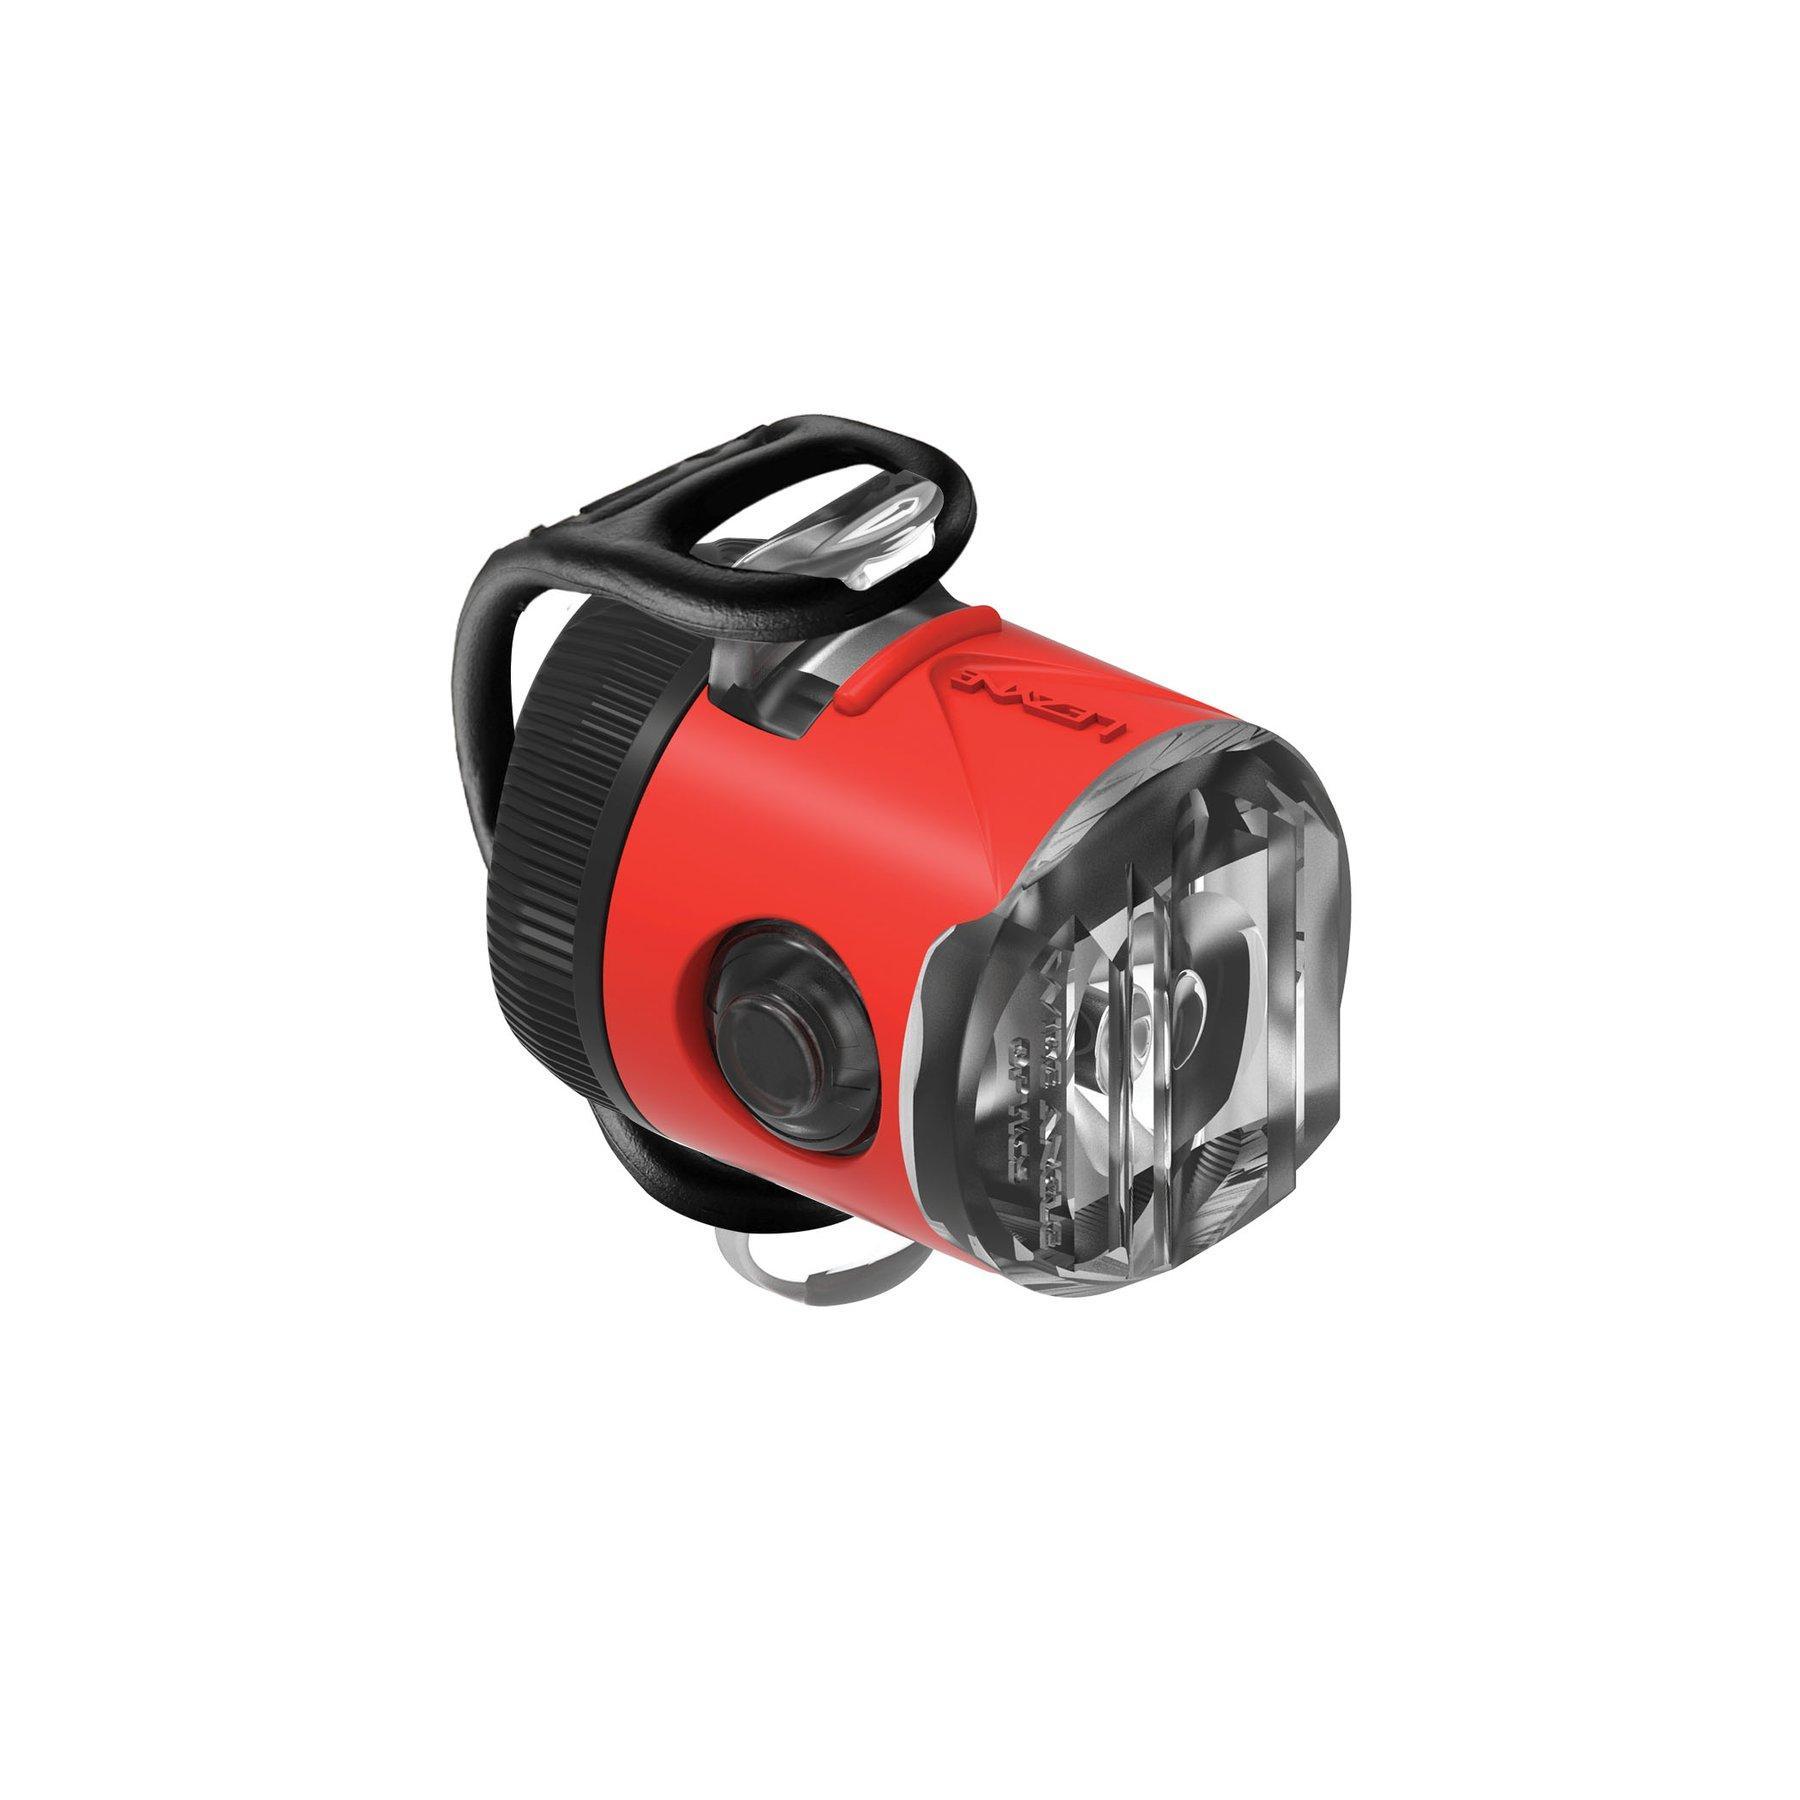 Lezyne Femto USB Scheinwerfer